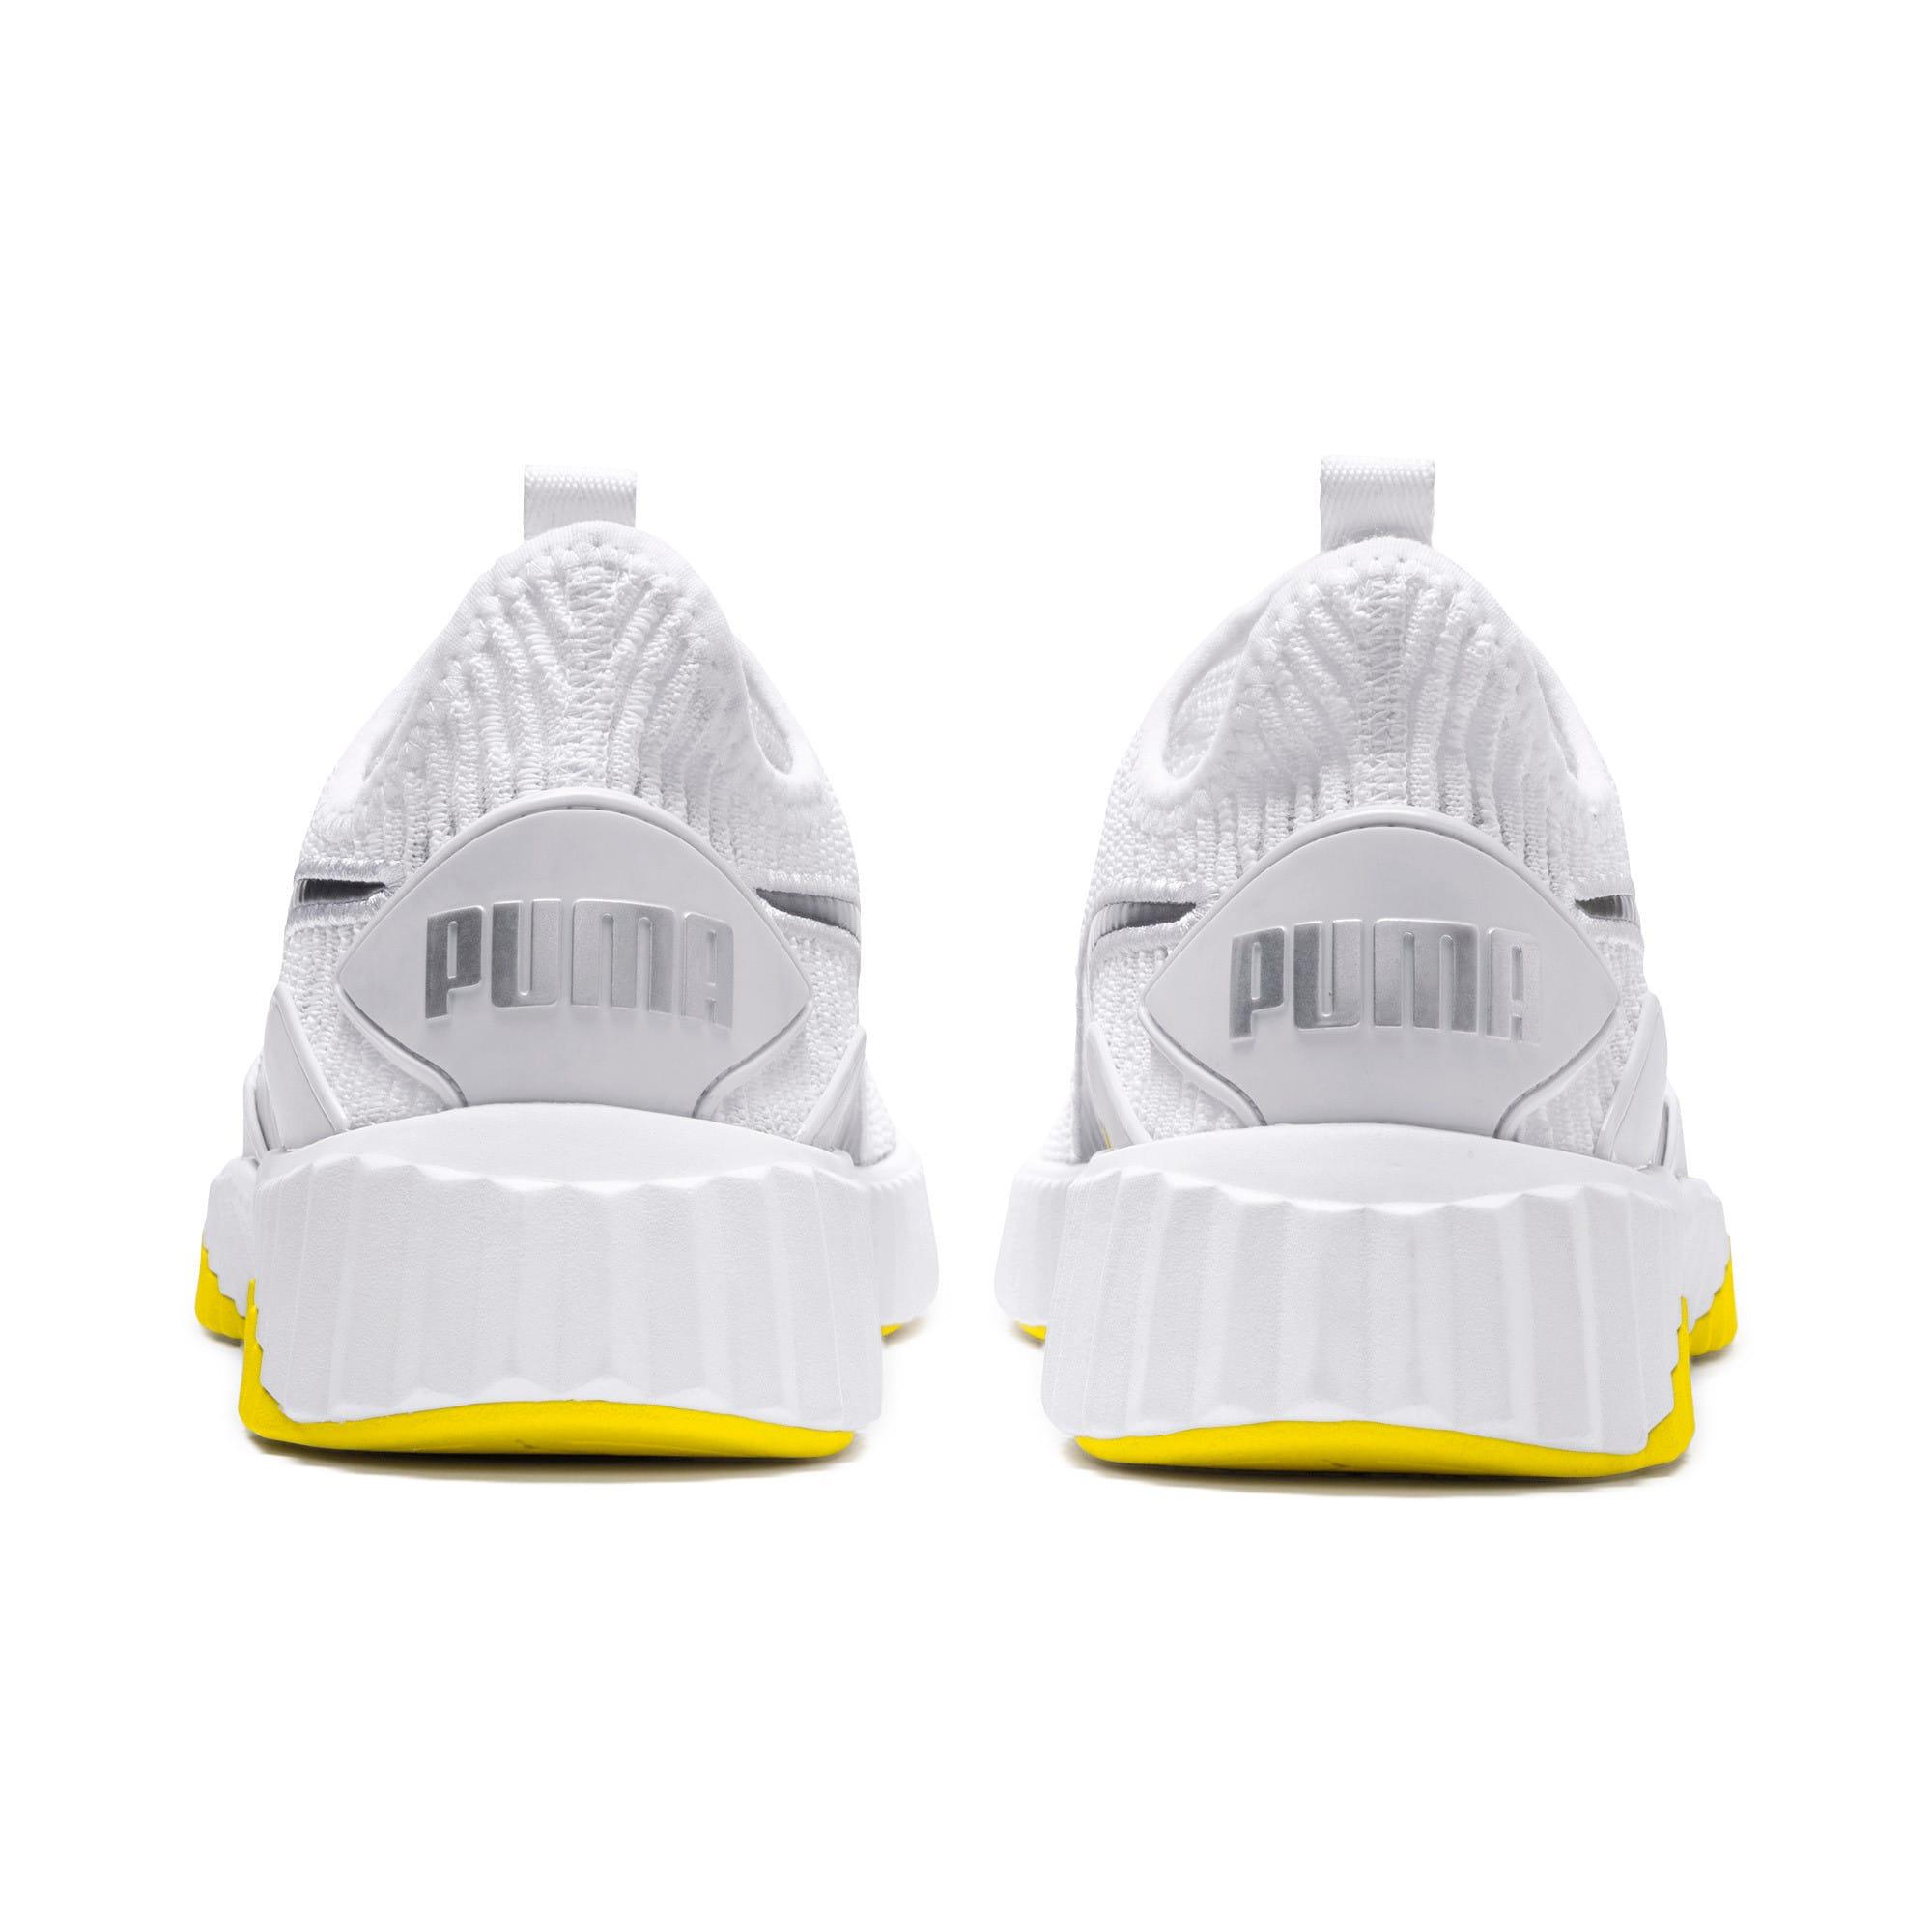 Thumbnail 4 of Defy Trailblazer Women's Training Shoes, Puma White-Blazing Yellow, medium